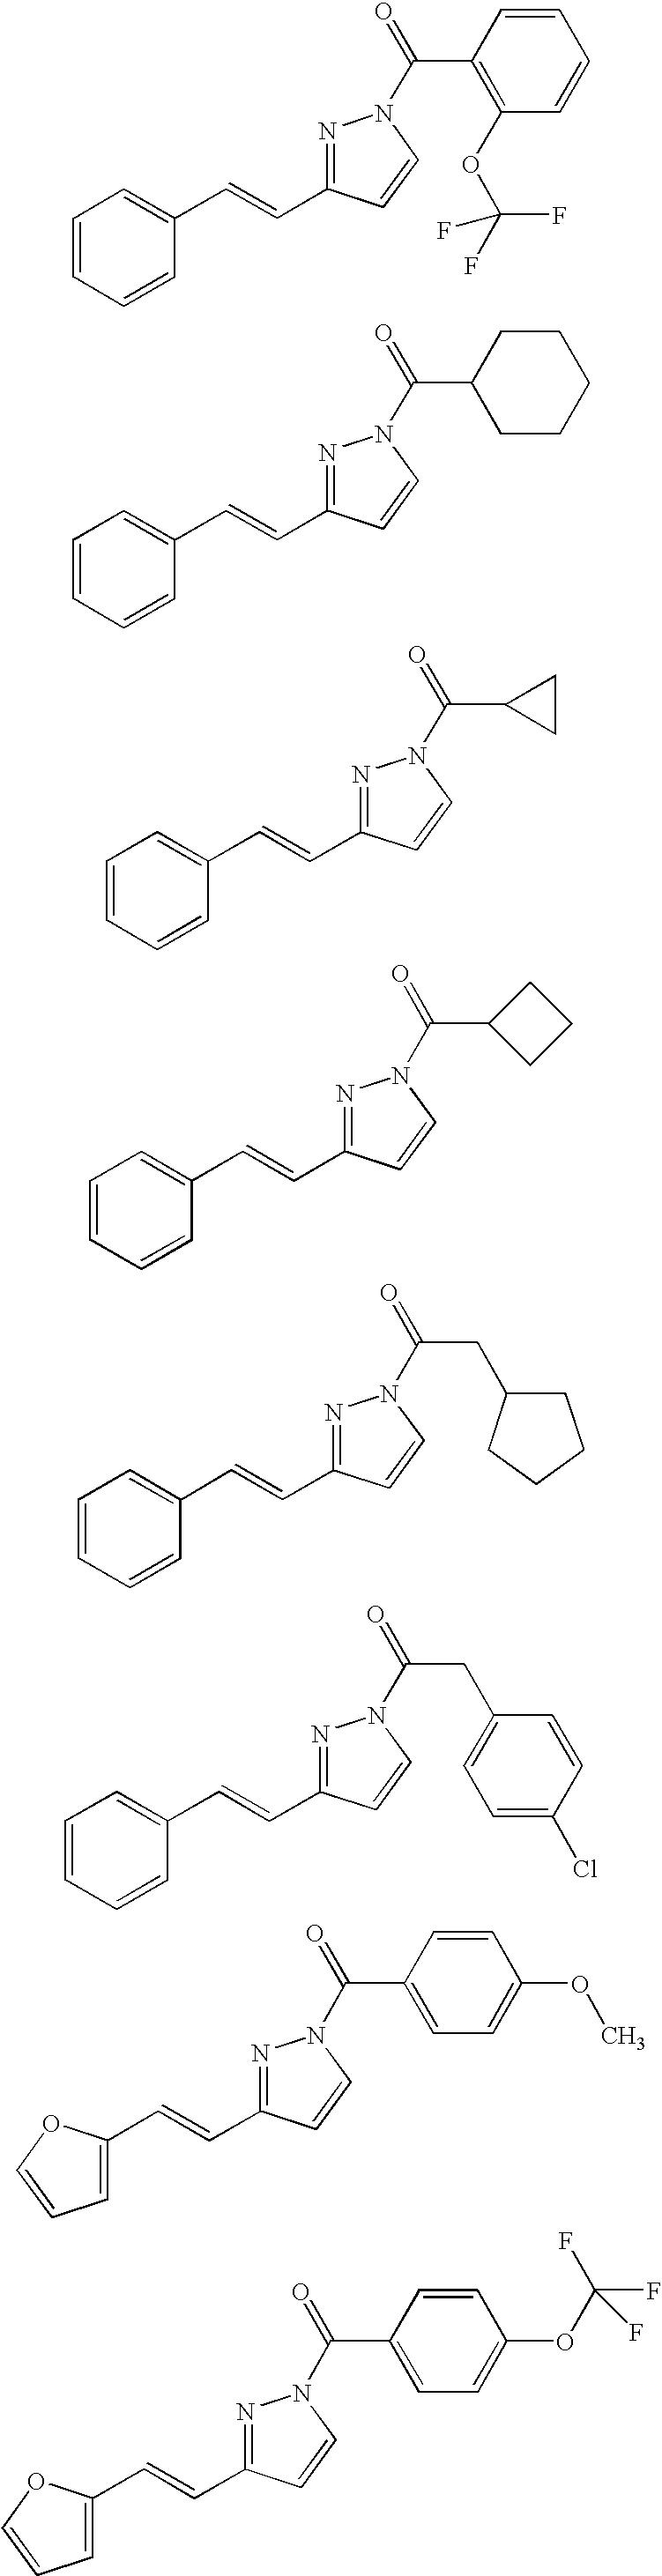 Figure US07192976-20070320-C00066